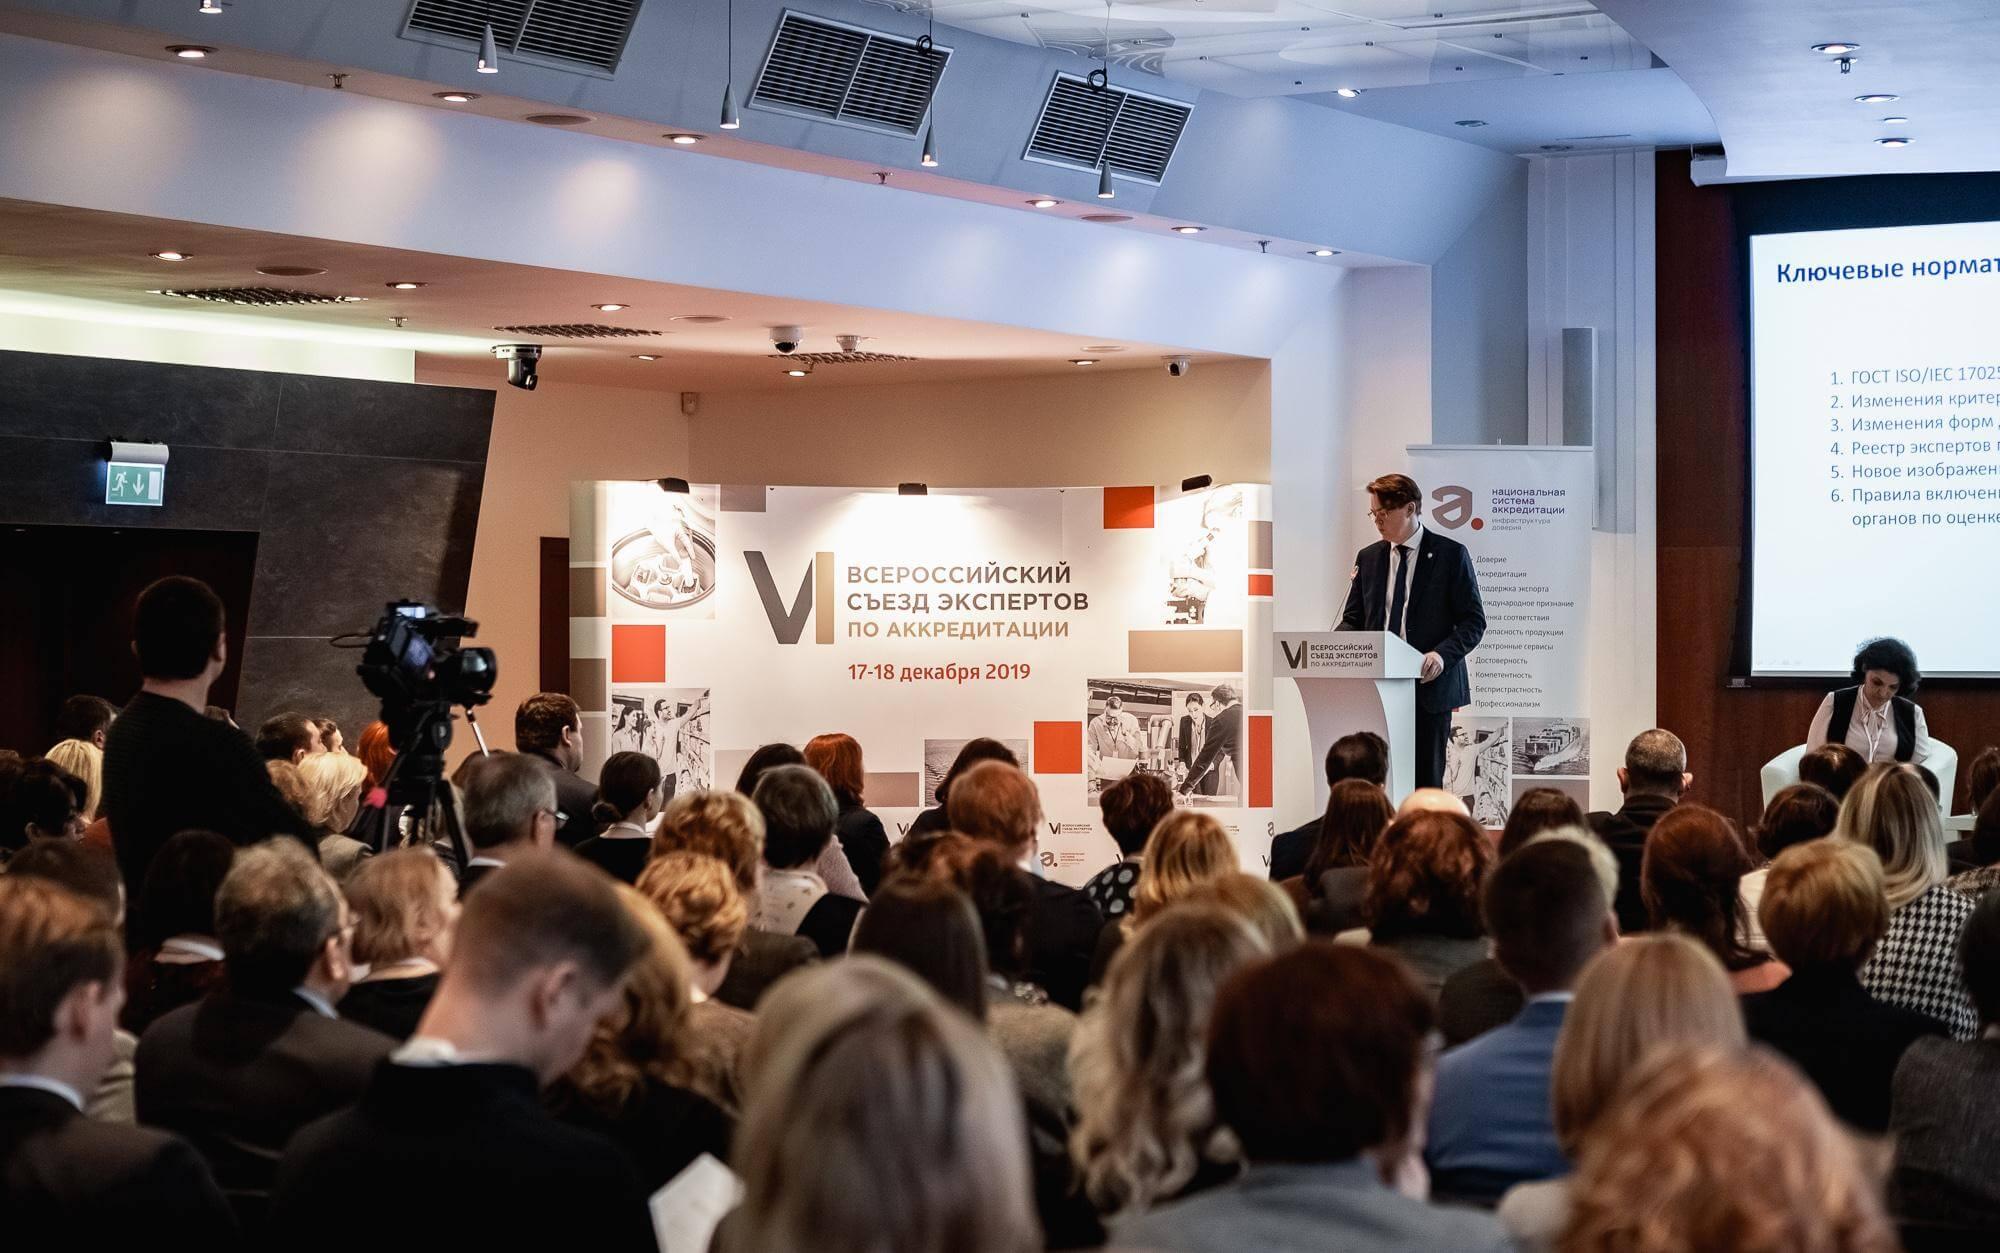 Итоги VI Всероссийского съезда экспертов по аккредитации